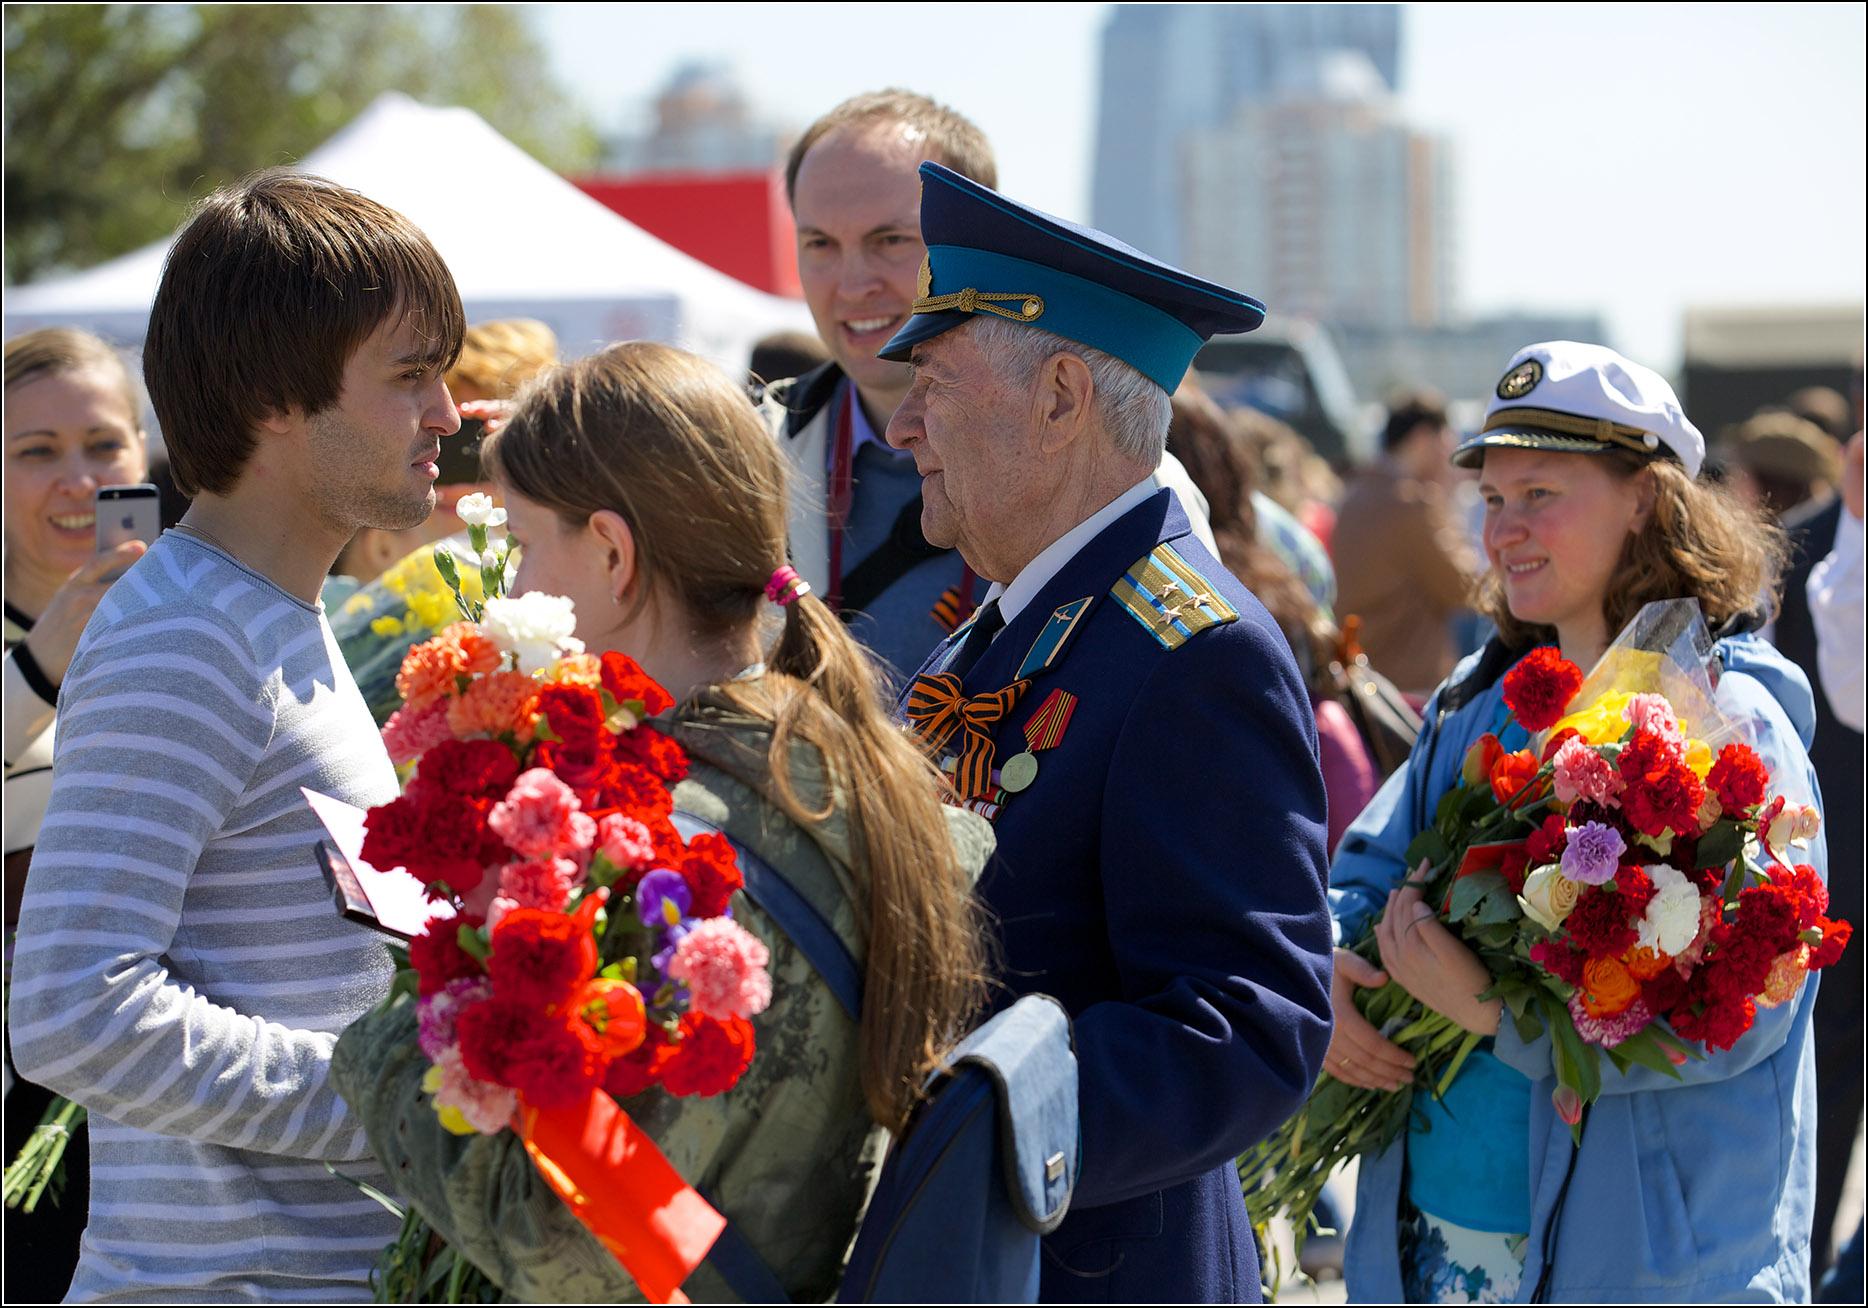 День победы 2014, Репортажная фотосъемка